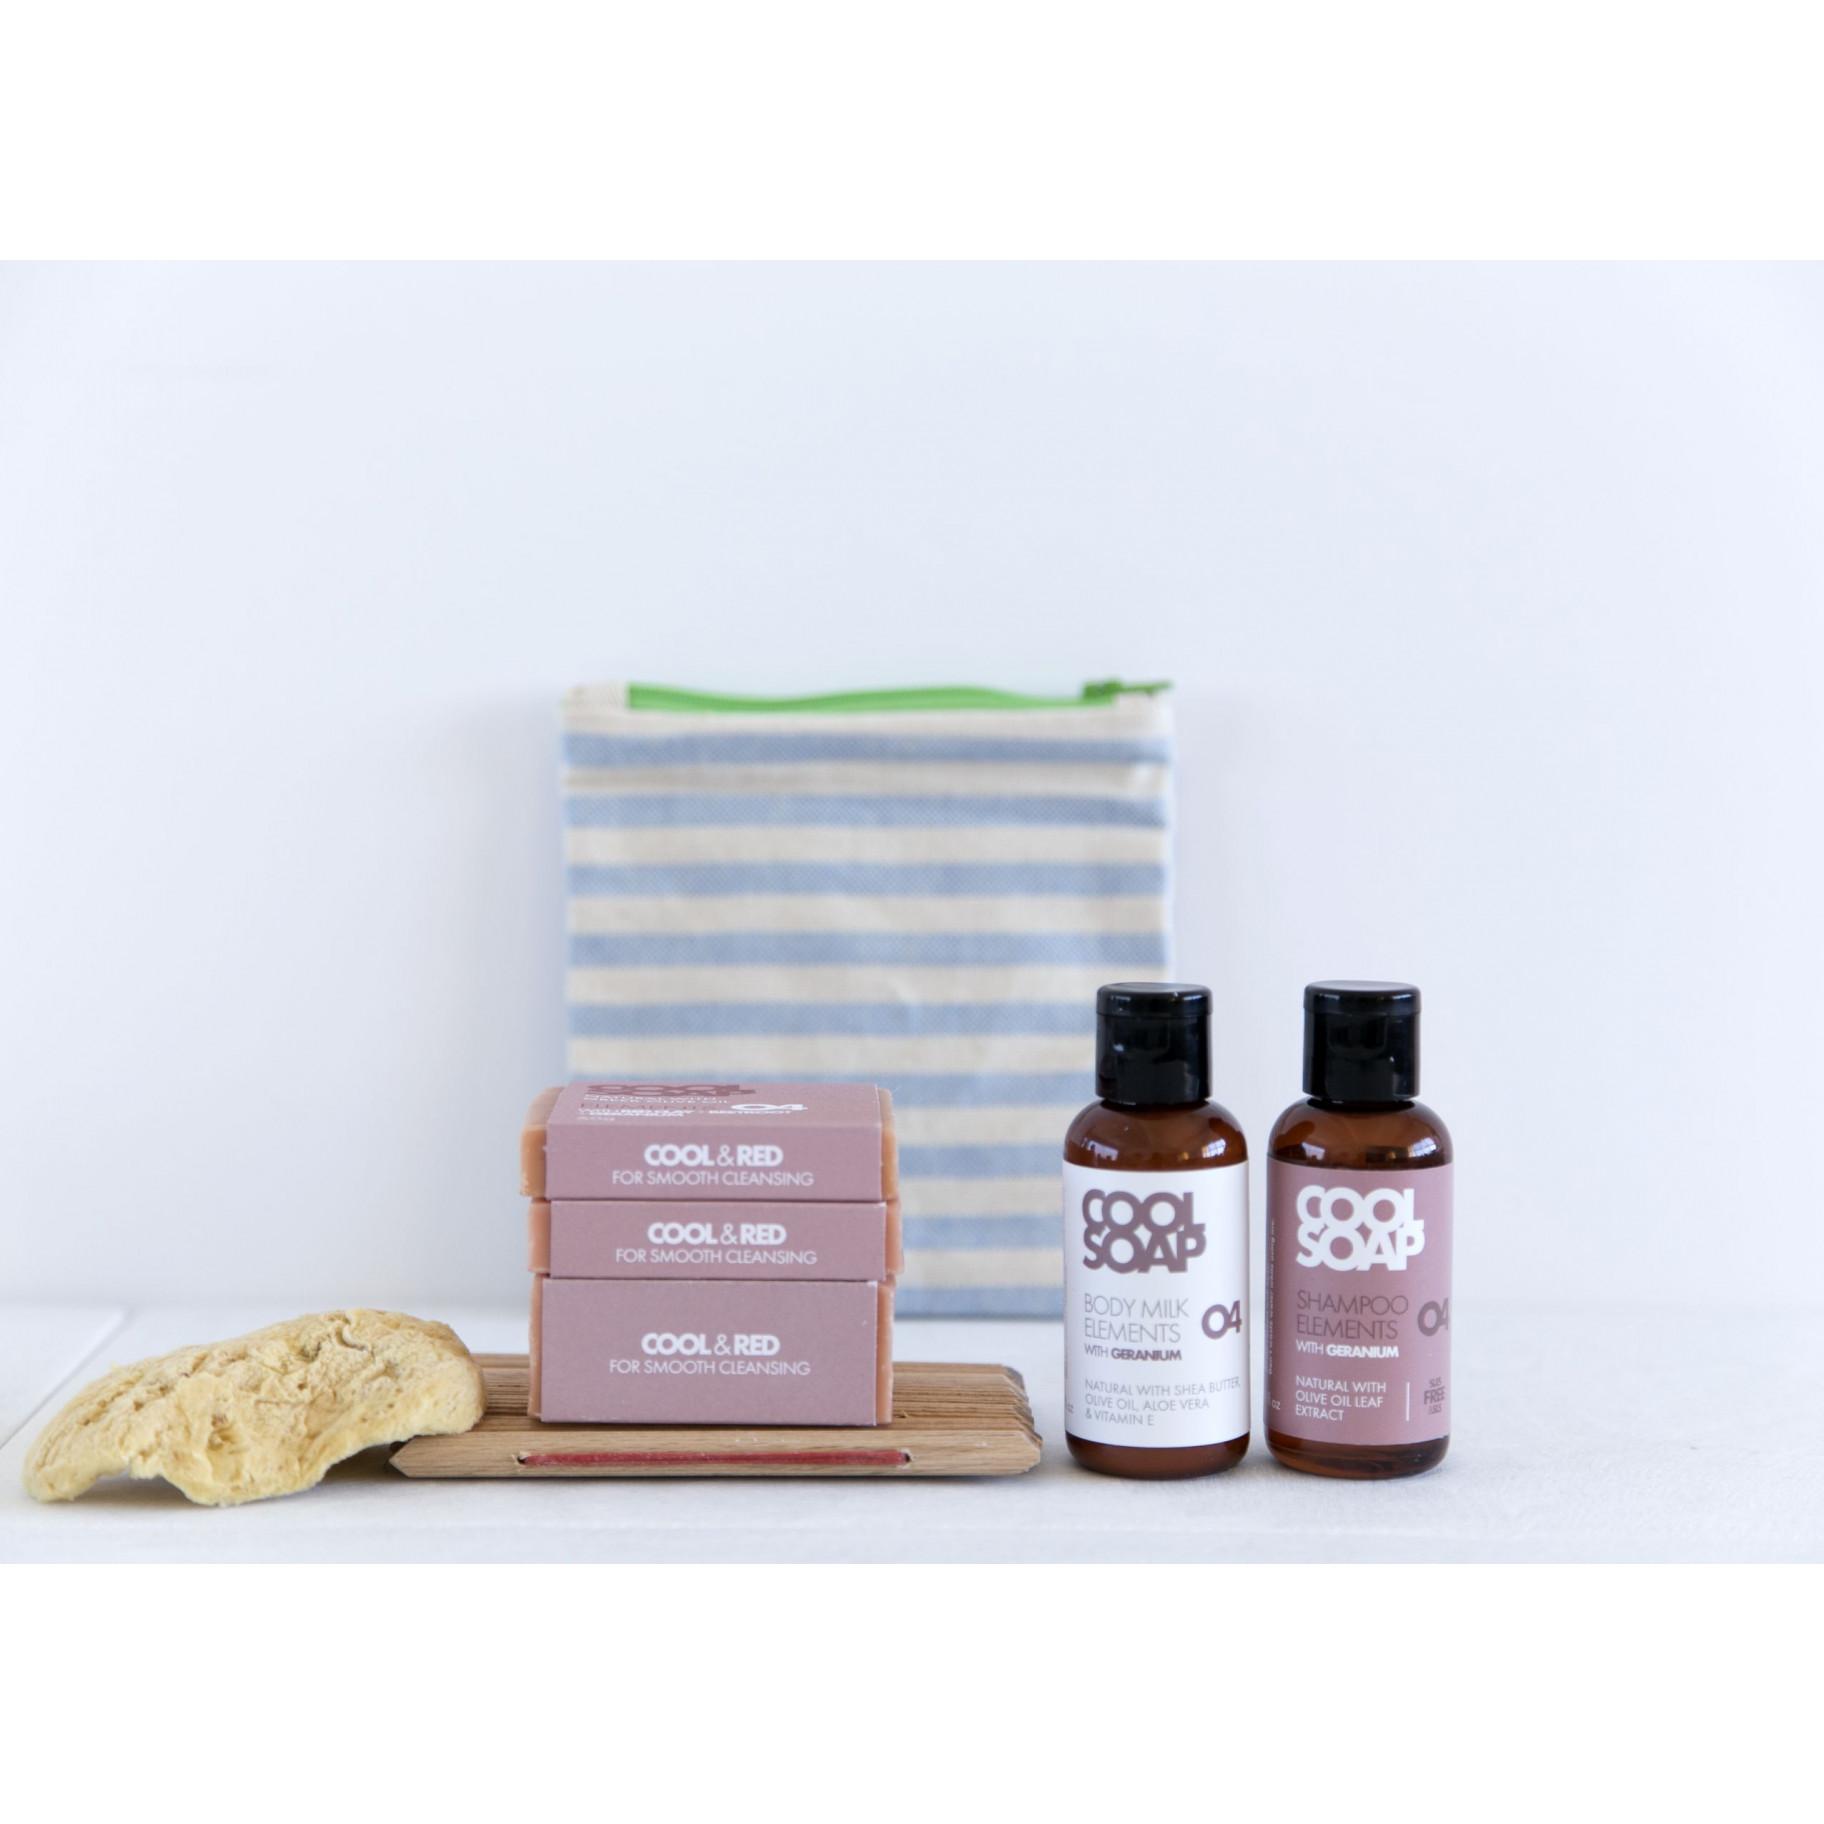 Geschenkbox | Shampoo, Körpermilch | Geranie